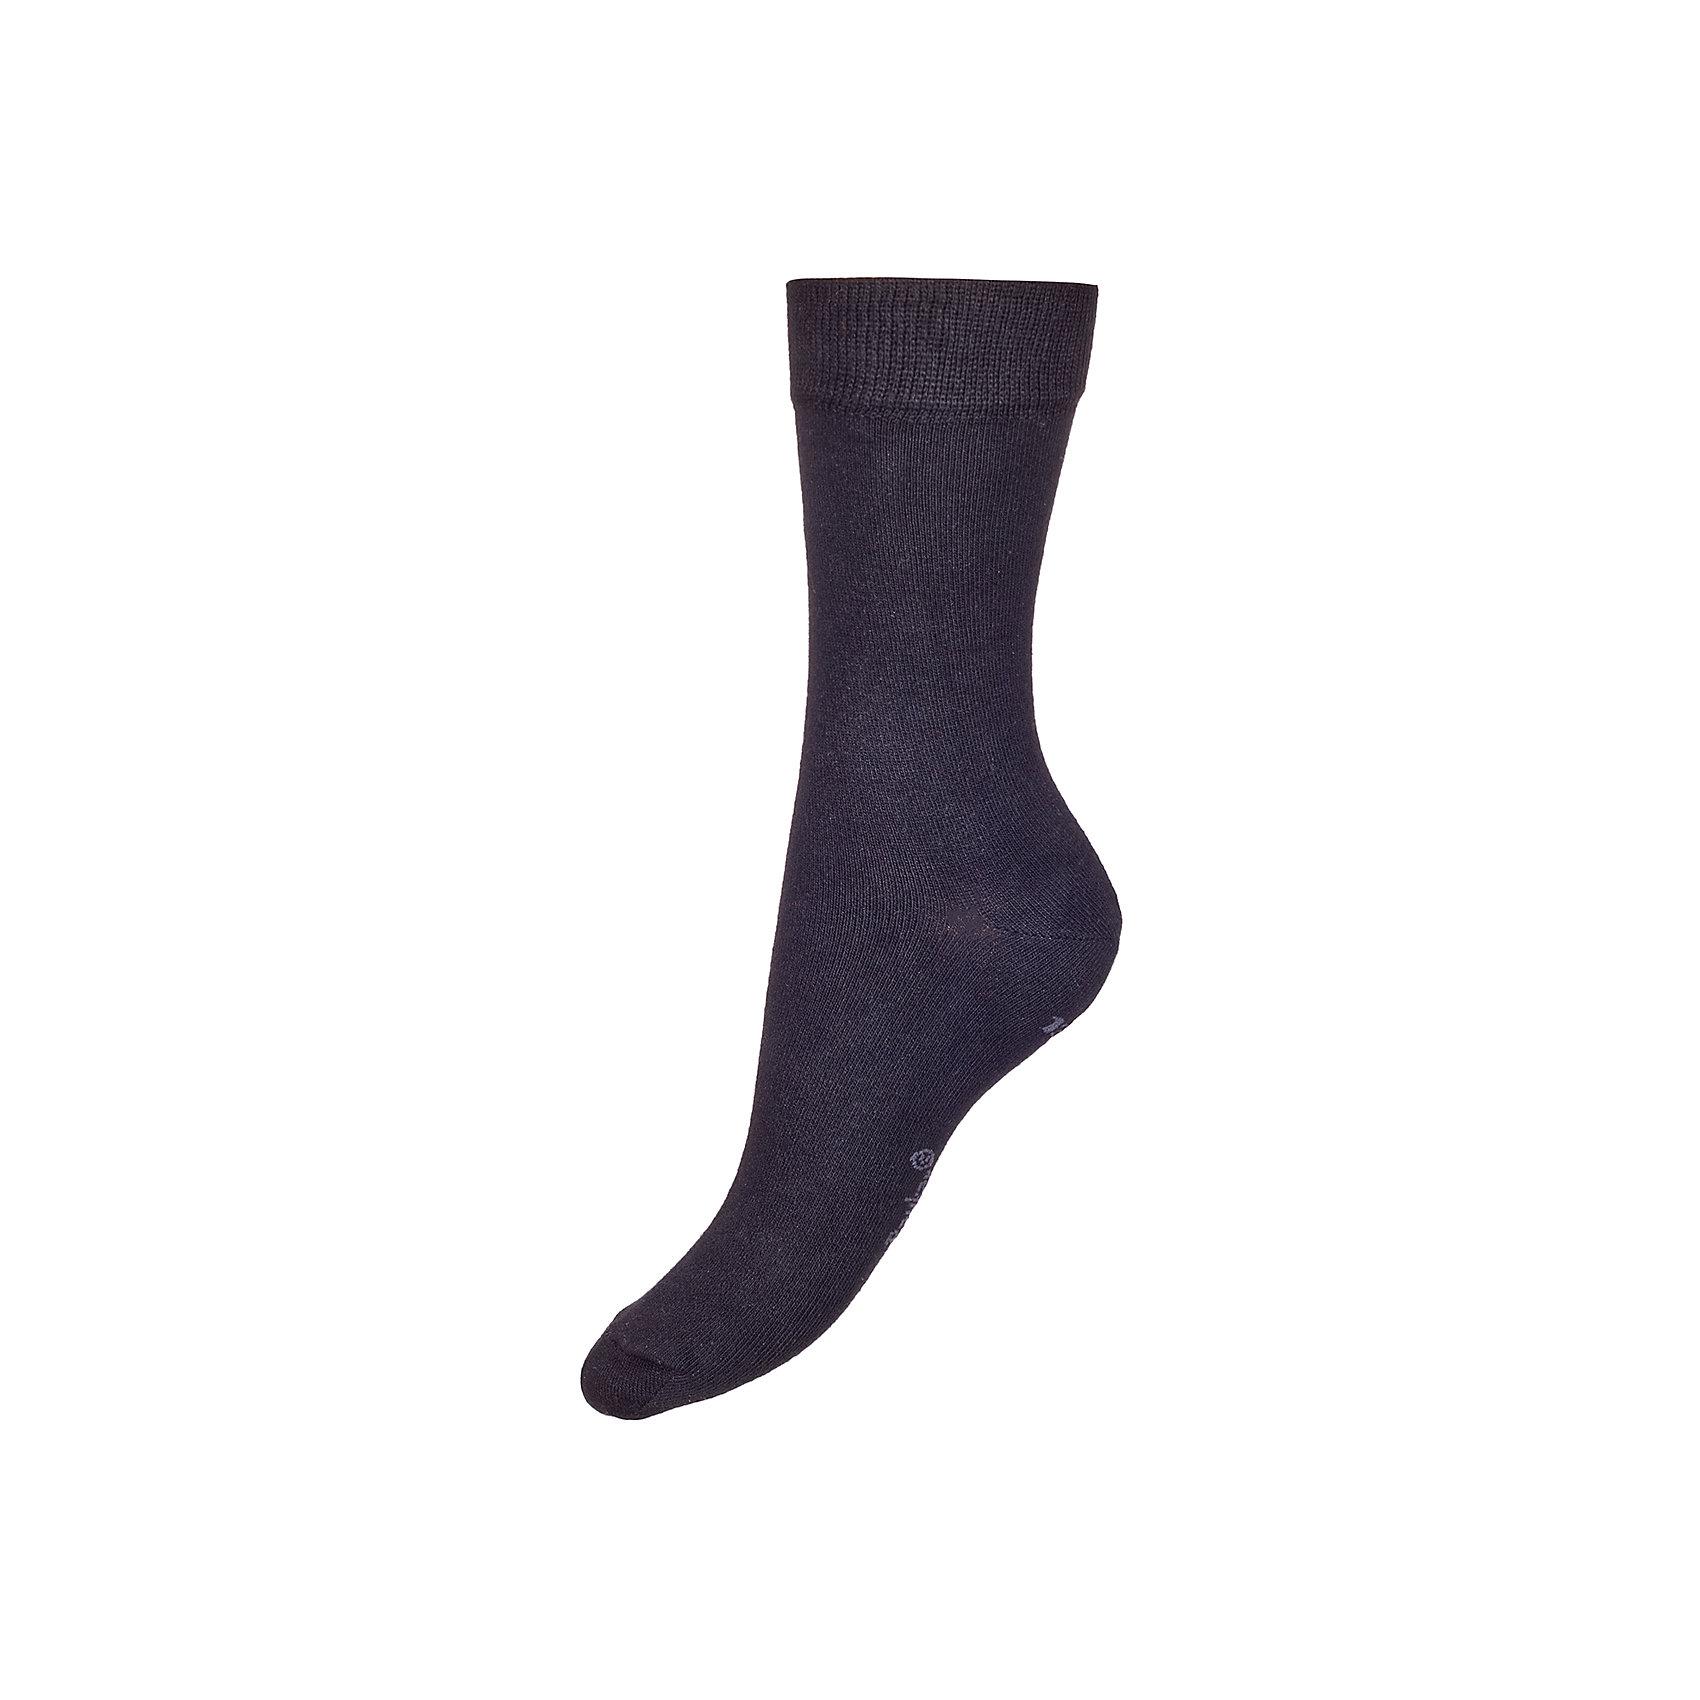 Носки ( 3 пары) BaykarНоски<br>Характеристики товара:<br><br>• цвет: черный<br>• состав ткани: 75% хлопок; 22% полиамид; 3% эластан<br>• комплектация: 3 пары<br>• сезон: круглый год<br>• страна бренда: Турция<br>• страна изготовитель: Турция<br><br>Качественные носки - залог комфорта ребенка. Этот набор носков от турецкого бренда Baykar позволит обеспечить ногам ребенка удобство.<br><br>Хлопковый трикотаж дает коже дышать, хорошо впитывают влагу. Мягкая резинка не давит на ногу.<br><br>Носки (3 пары) Baykar (Байкар) можно купить в нашем интернет-магазине.<br><br>Ширина мм: 87<br>Глубина мм: 10<br>Высота мм: 105<br>Вес г: 115<br>Цвет: черный<br>Возраст от месяцев: 168<br>Возраст до месяцев: 1188<br>Пол: Унисекс<br>Возраст: Детский<br>Размер: 24-26,18-20,20-22,22-24<br>SKU: 6863919